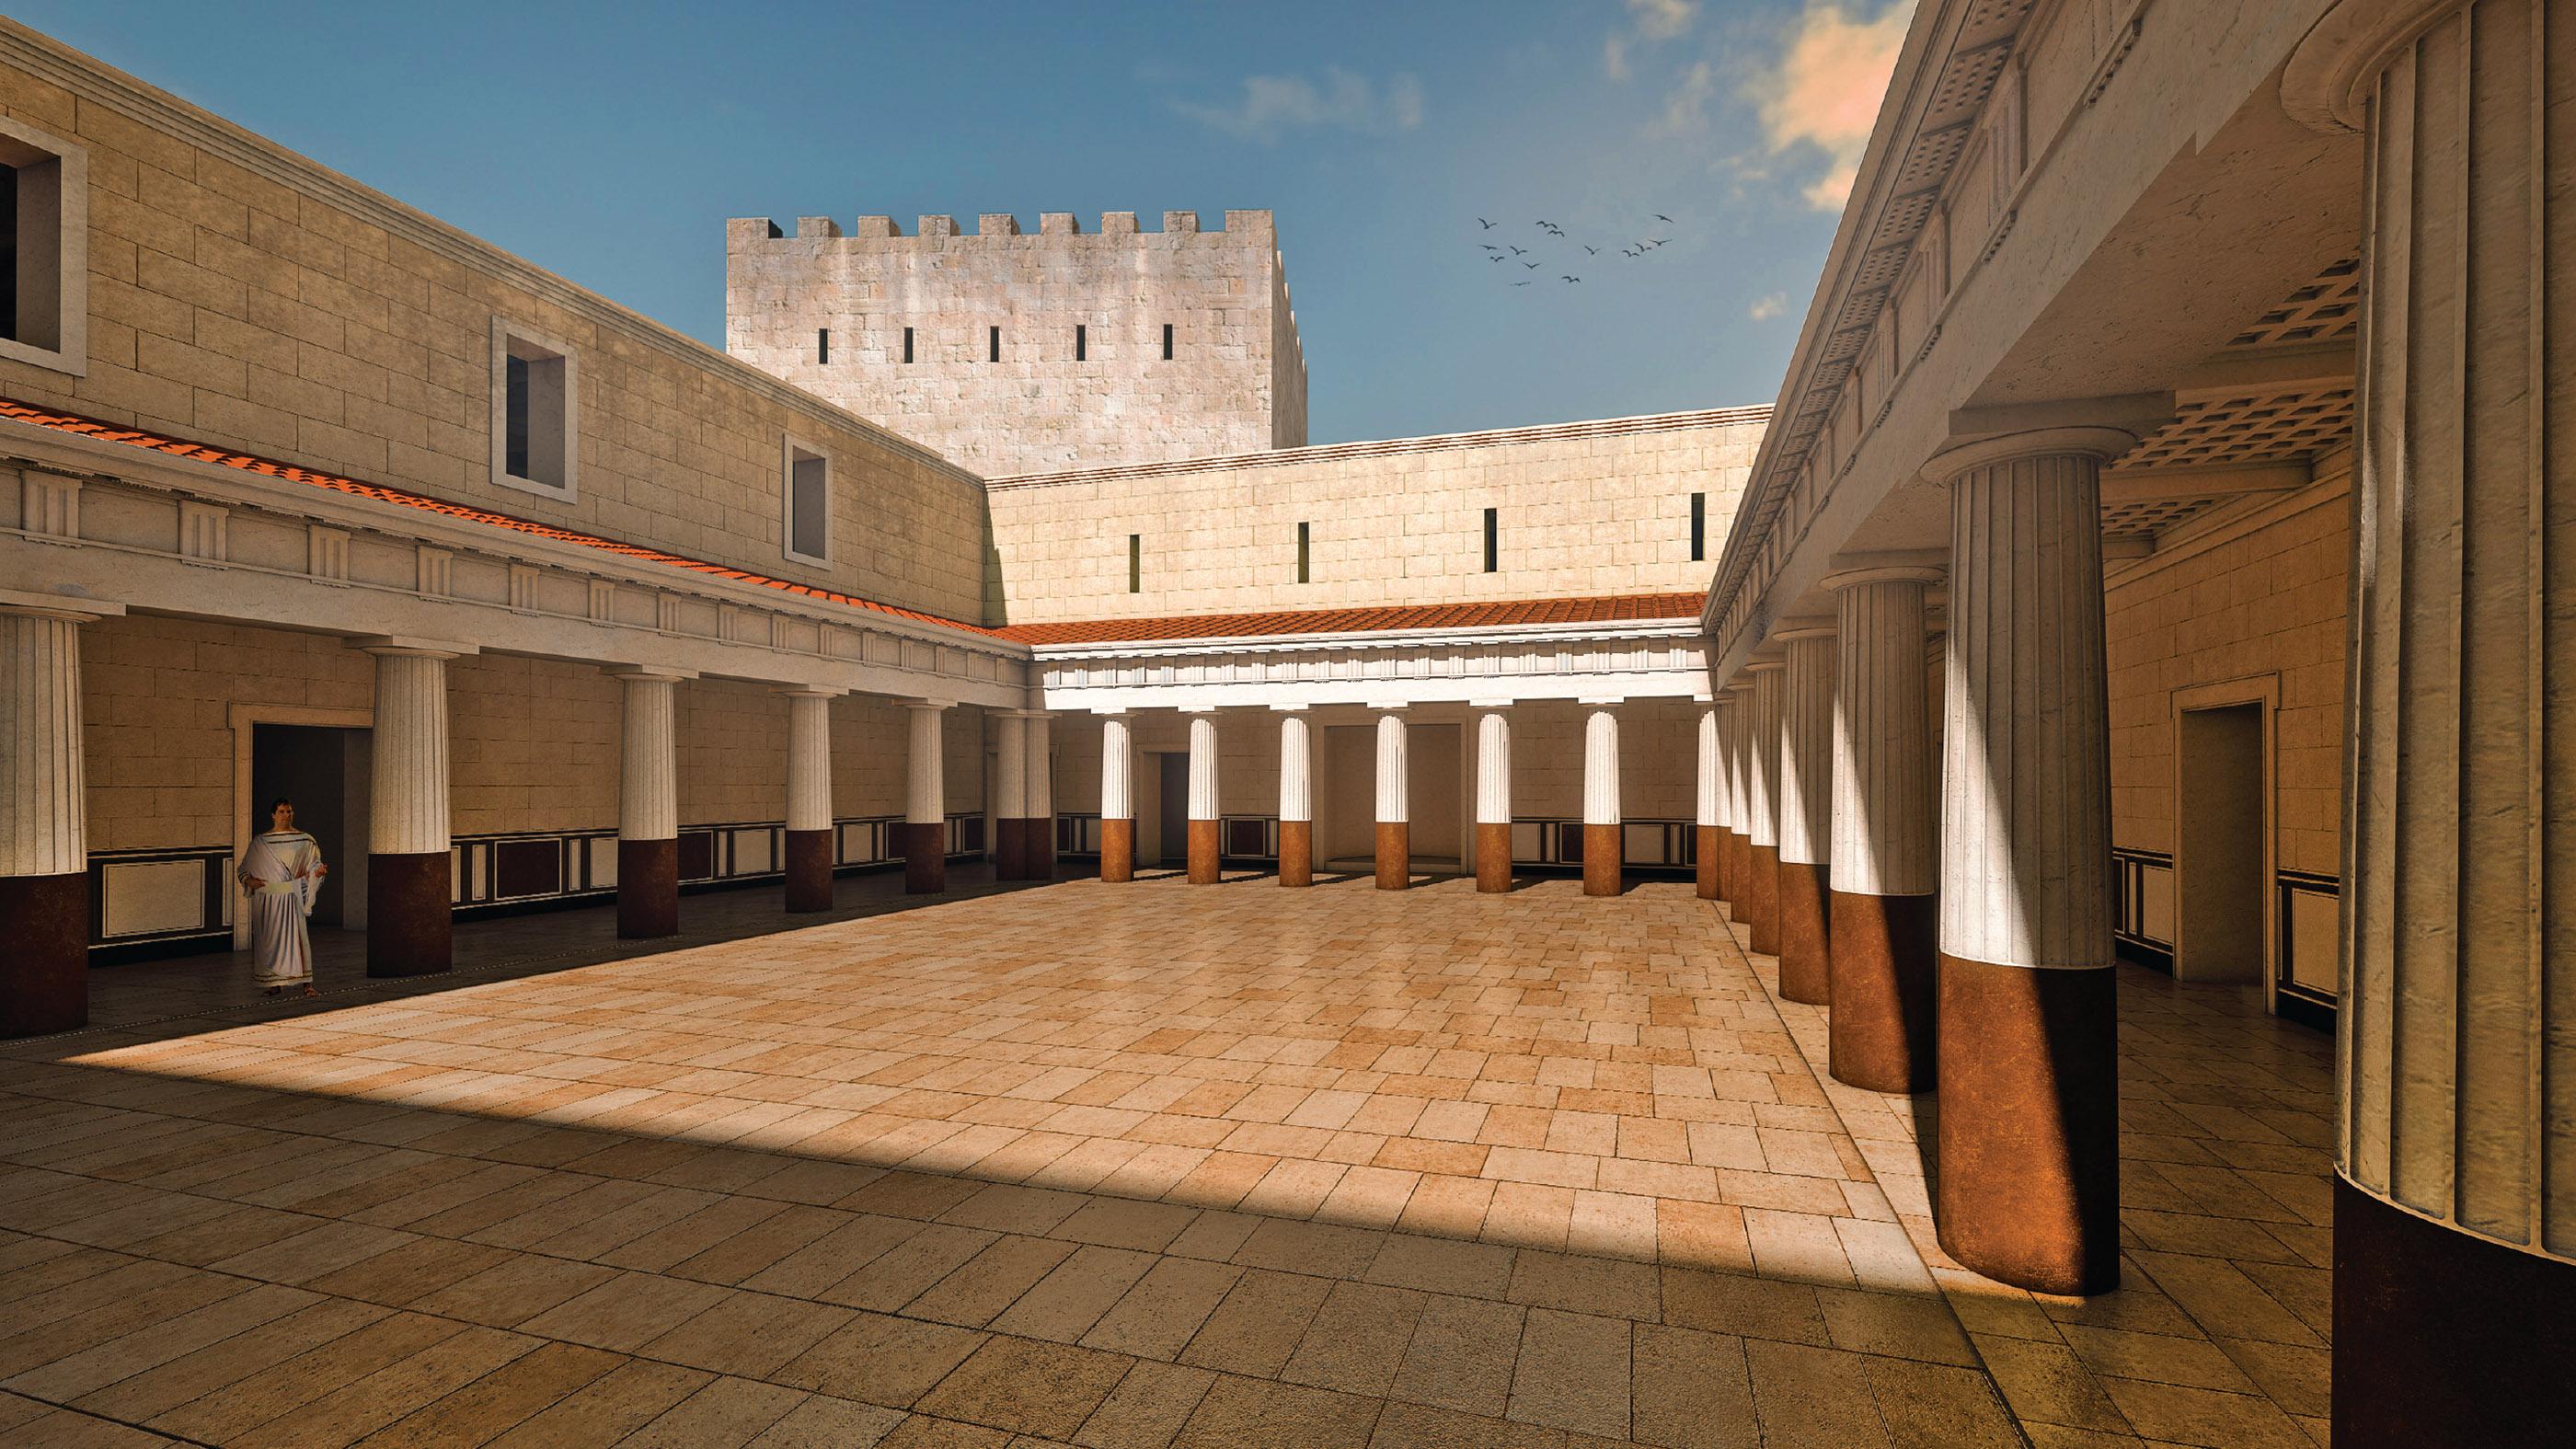 La reconstruction de la cour où la danse de Salomé a pu avoir lieu.